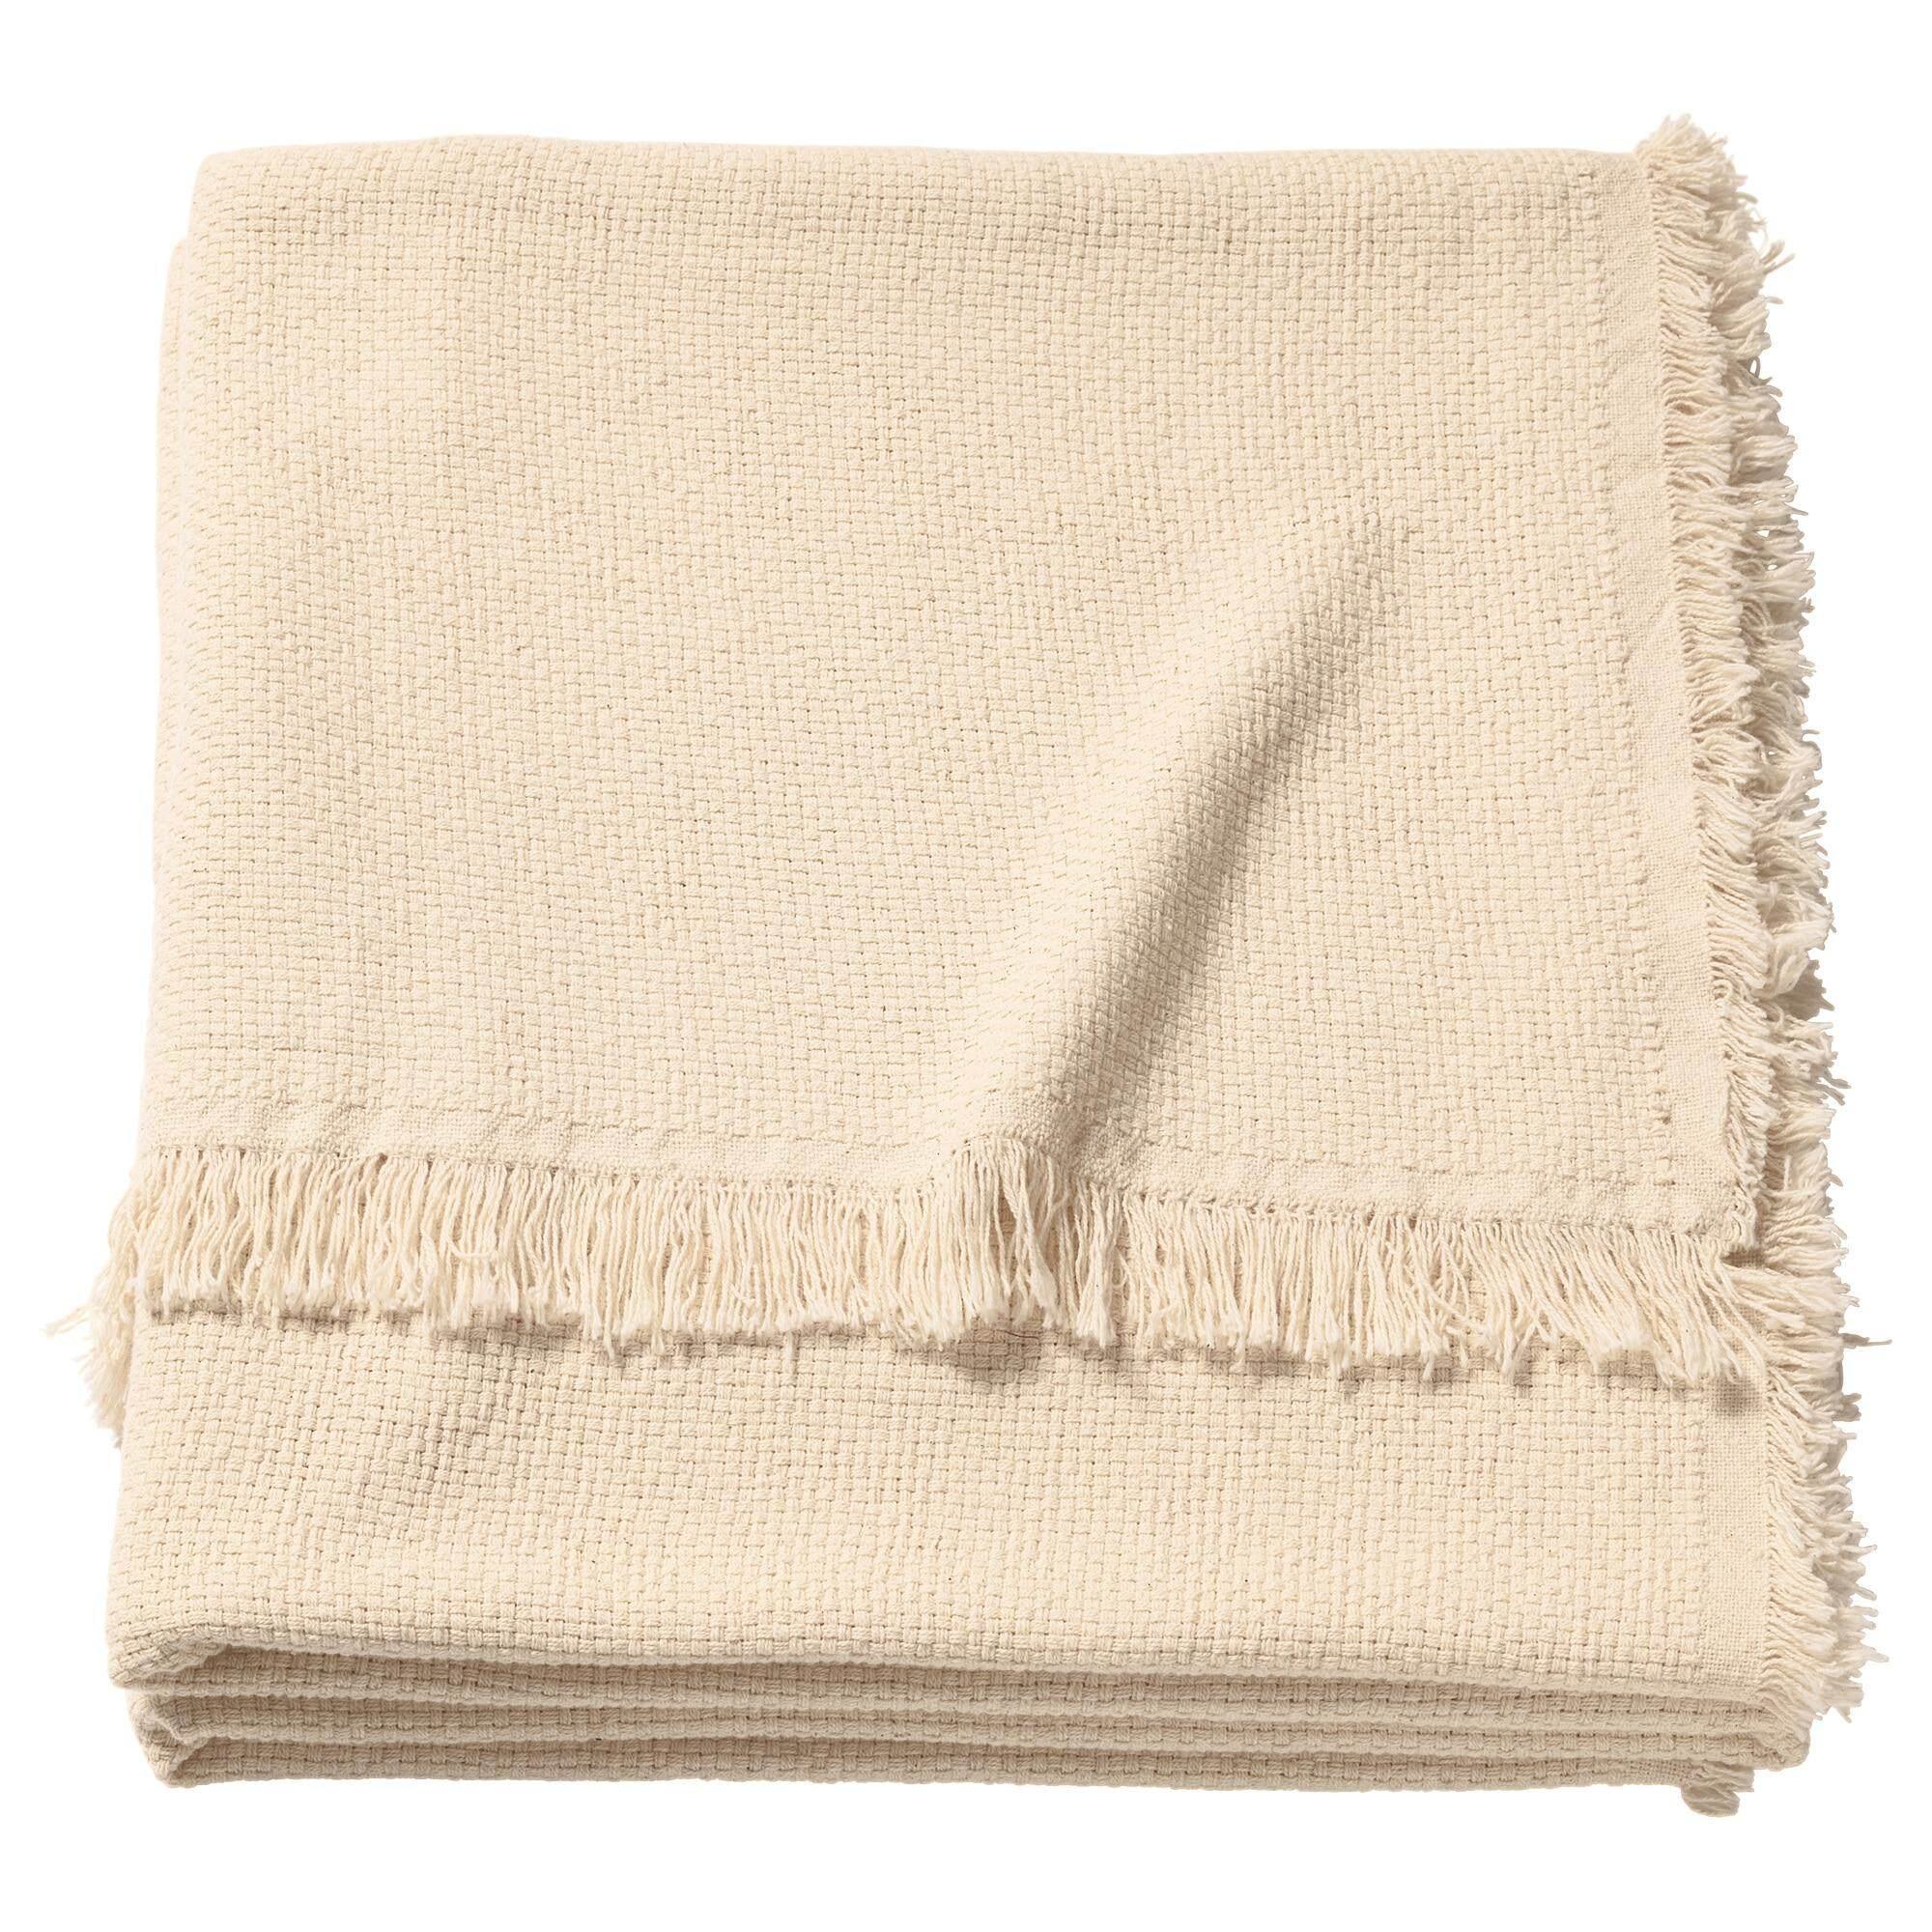 ถูกสุดสุด Oddrun ออด์รัน ผ้าคลุม สีเนเชอรัล/เบจ ผ้าฝ้ายเป็นวัสดุธรรมชาติที่ให้สัมผัสนุ่ม ดูแลรักษาง่าย By Vvs.